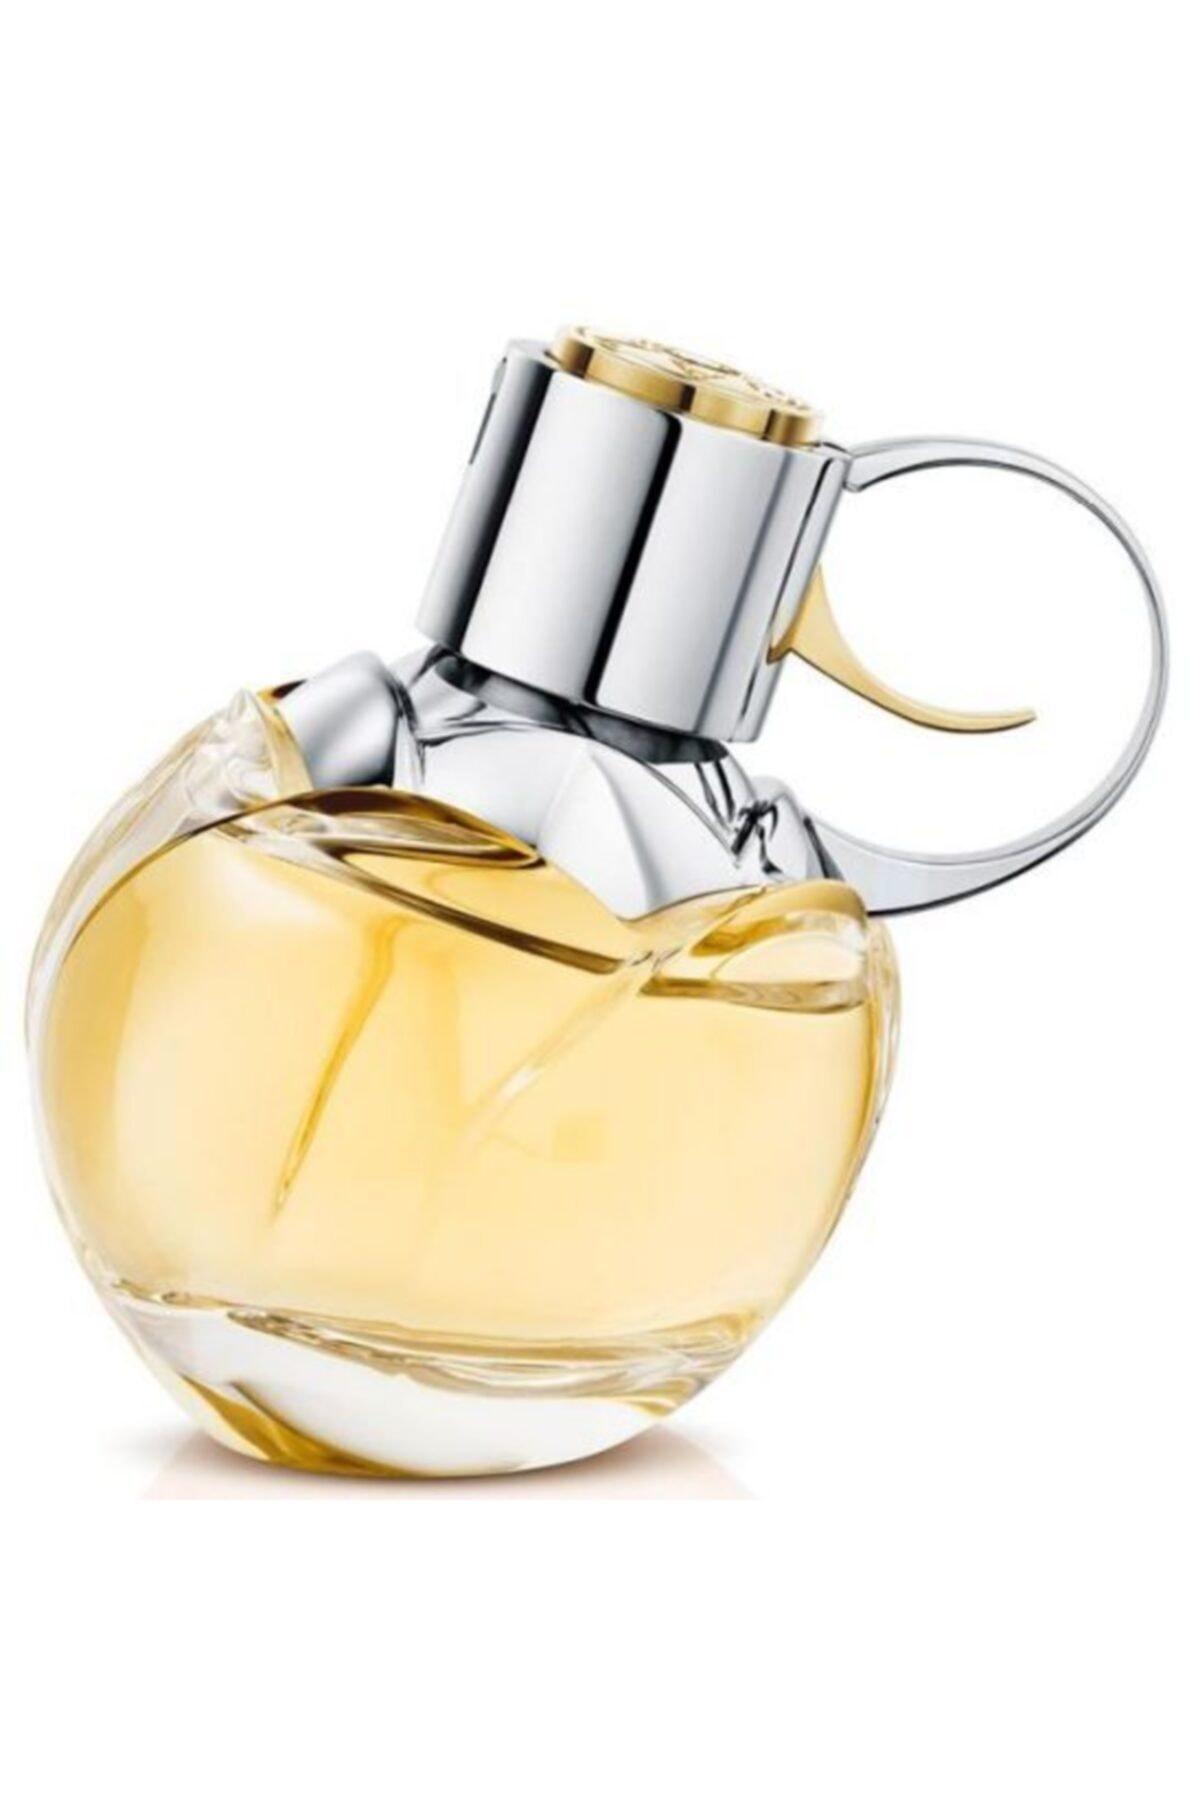 Azzaro Wanted Girl Edp 50 ml Kadın Parfüm 8372500013807 1